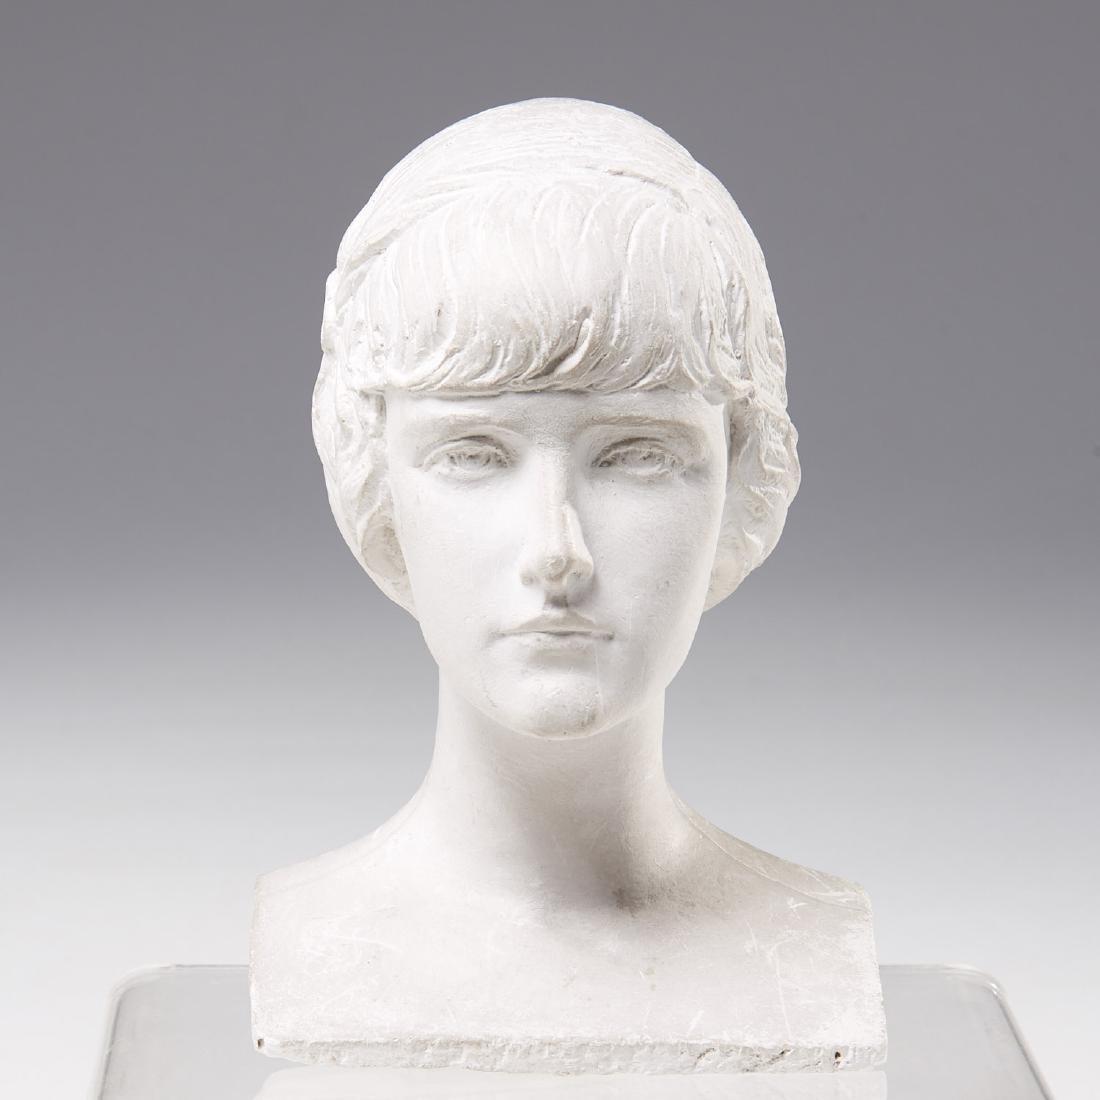 Mario Korbel, sculptural bust maquette - 2